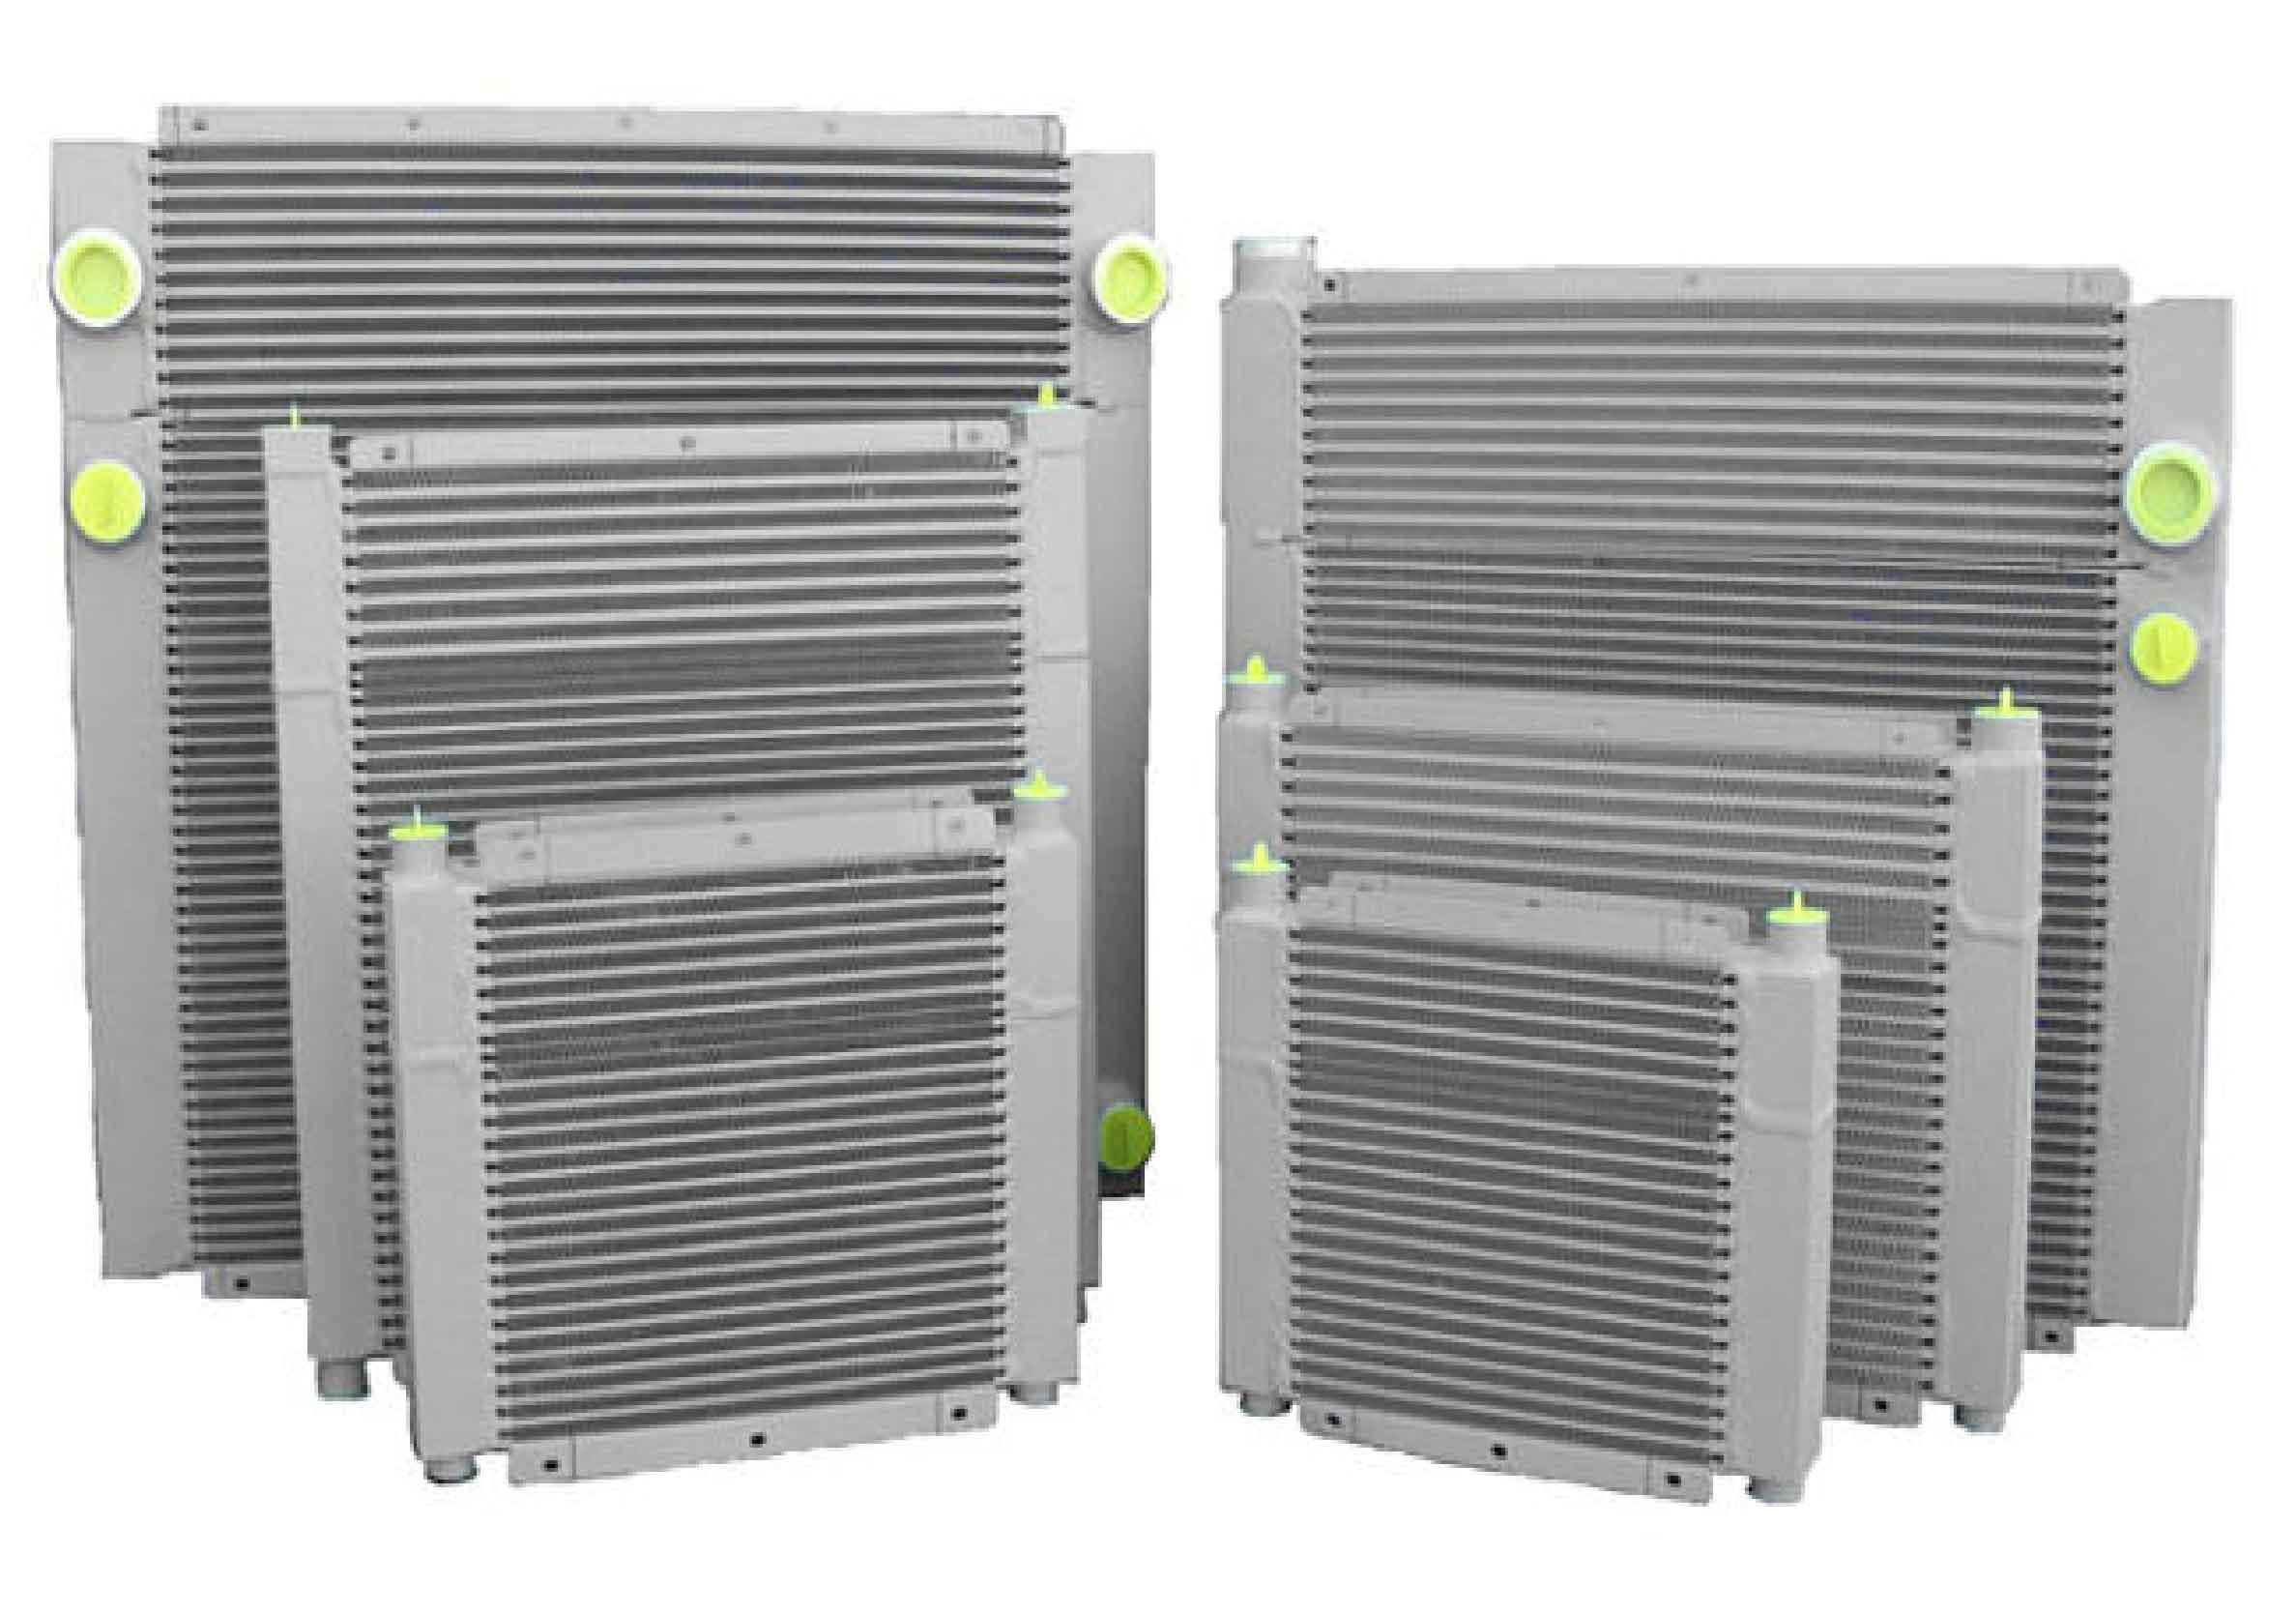 AKG -  CPC - Solutions de refroidissement à air standards - Utilisation mobile